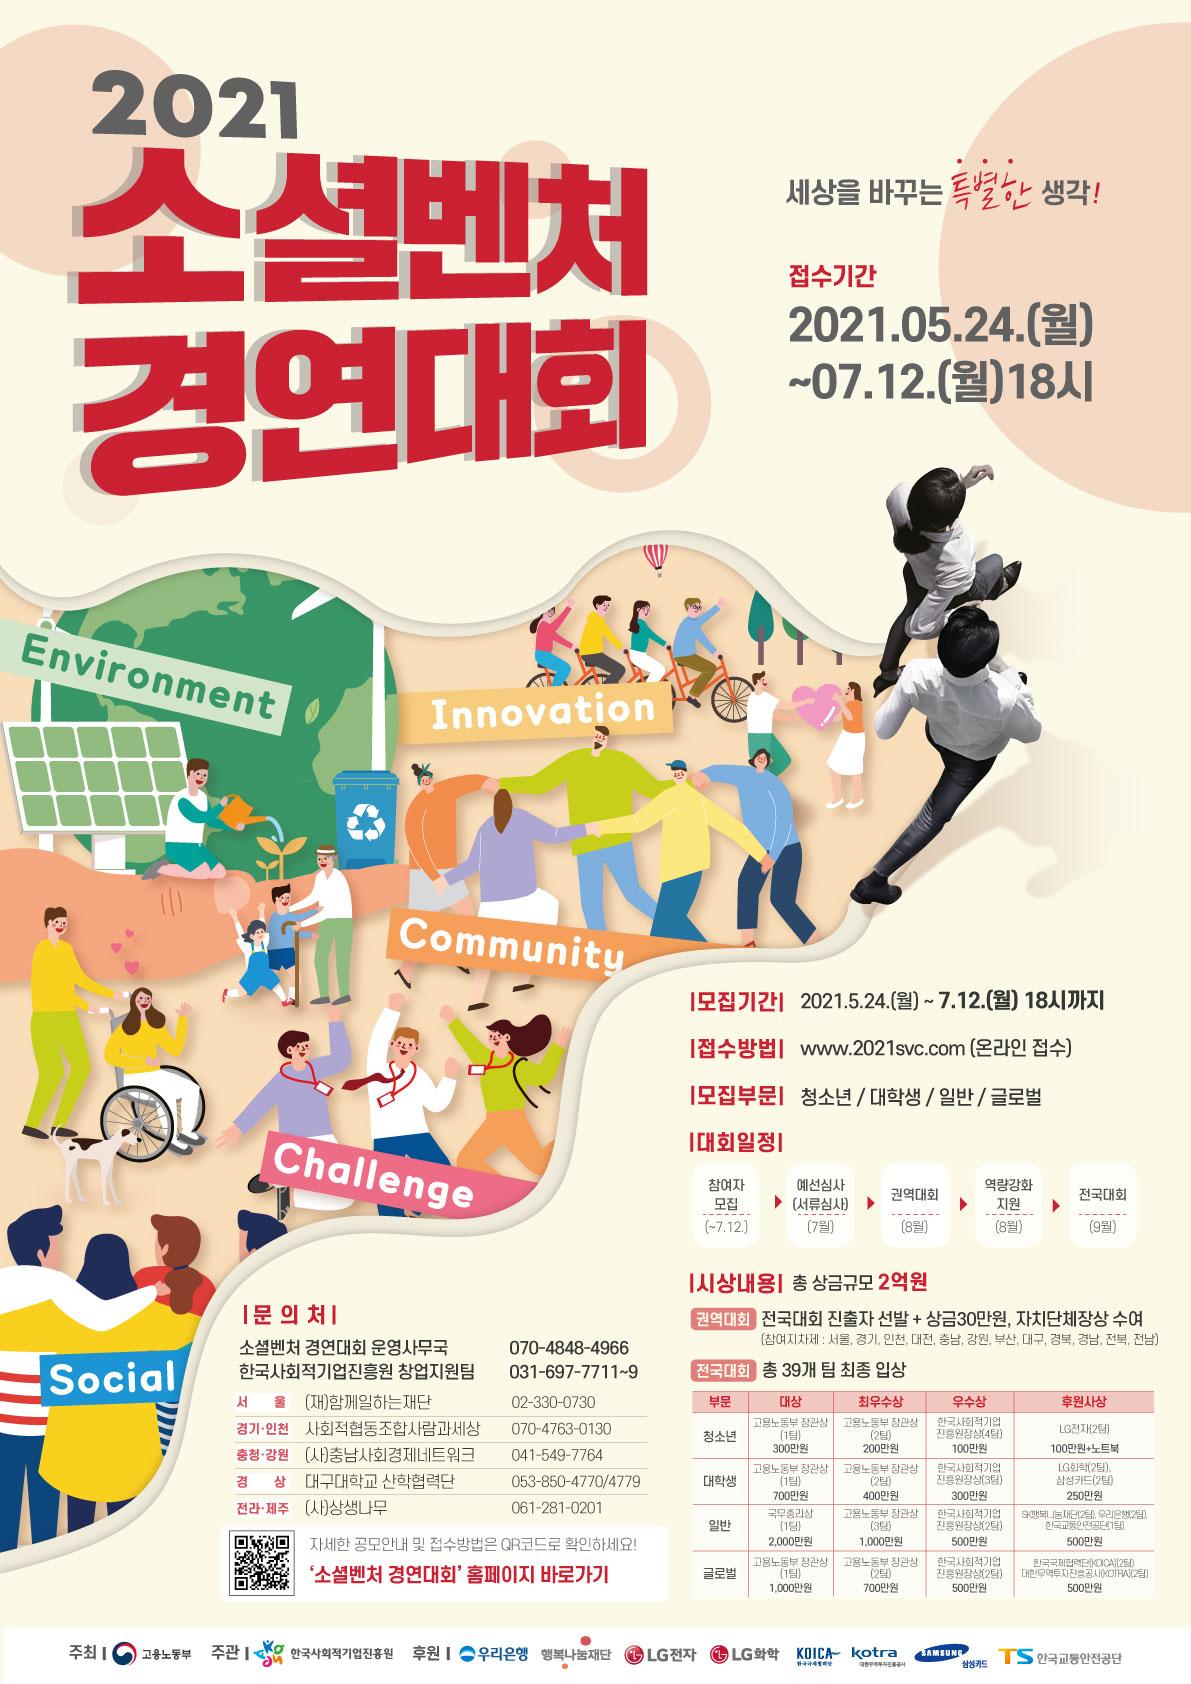 [안내] 한국사회적기업진흥원 | 2021 소셜벤처 경연대회 참가자 모집 공고